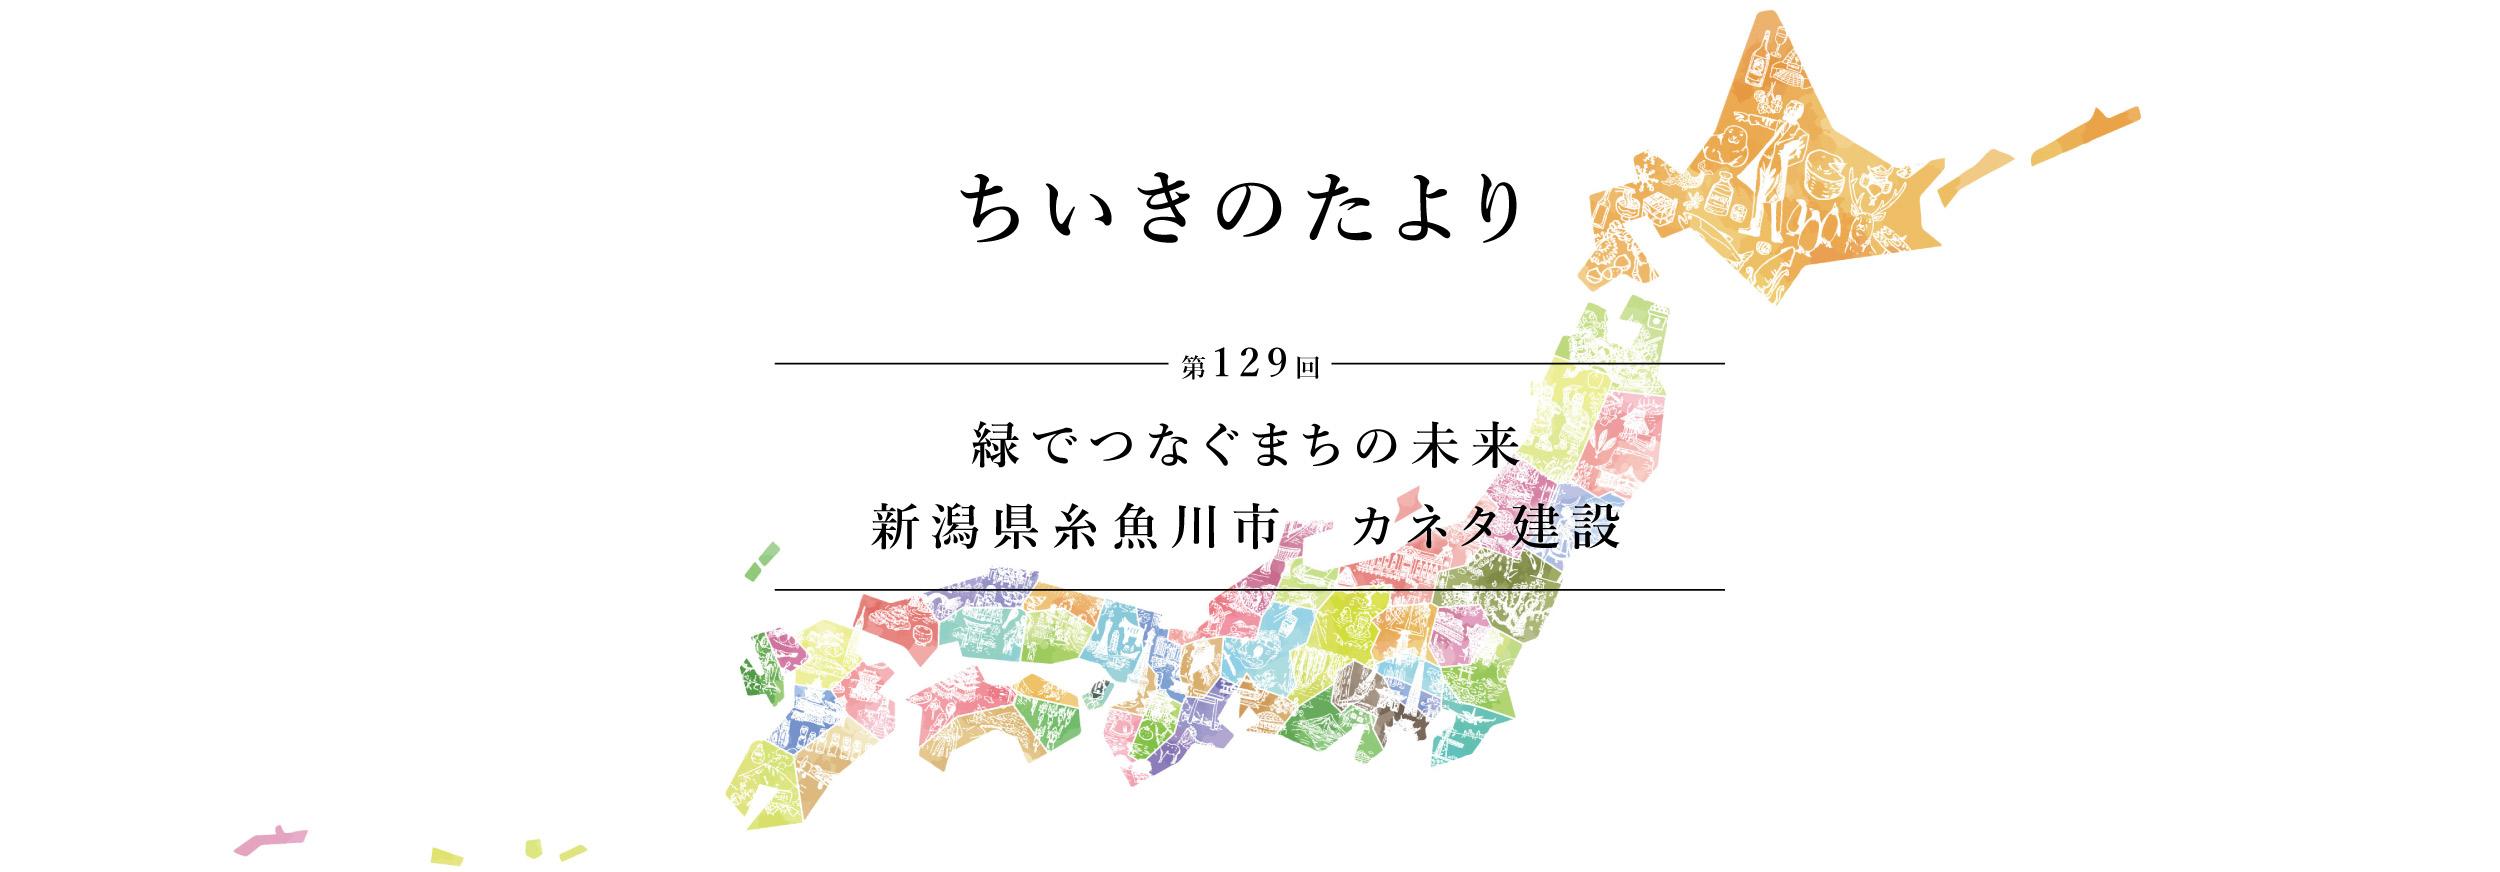 ちいきのたより第129回緑でつなぐまちの未来 新潟県糸魚川市 カネタ建設